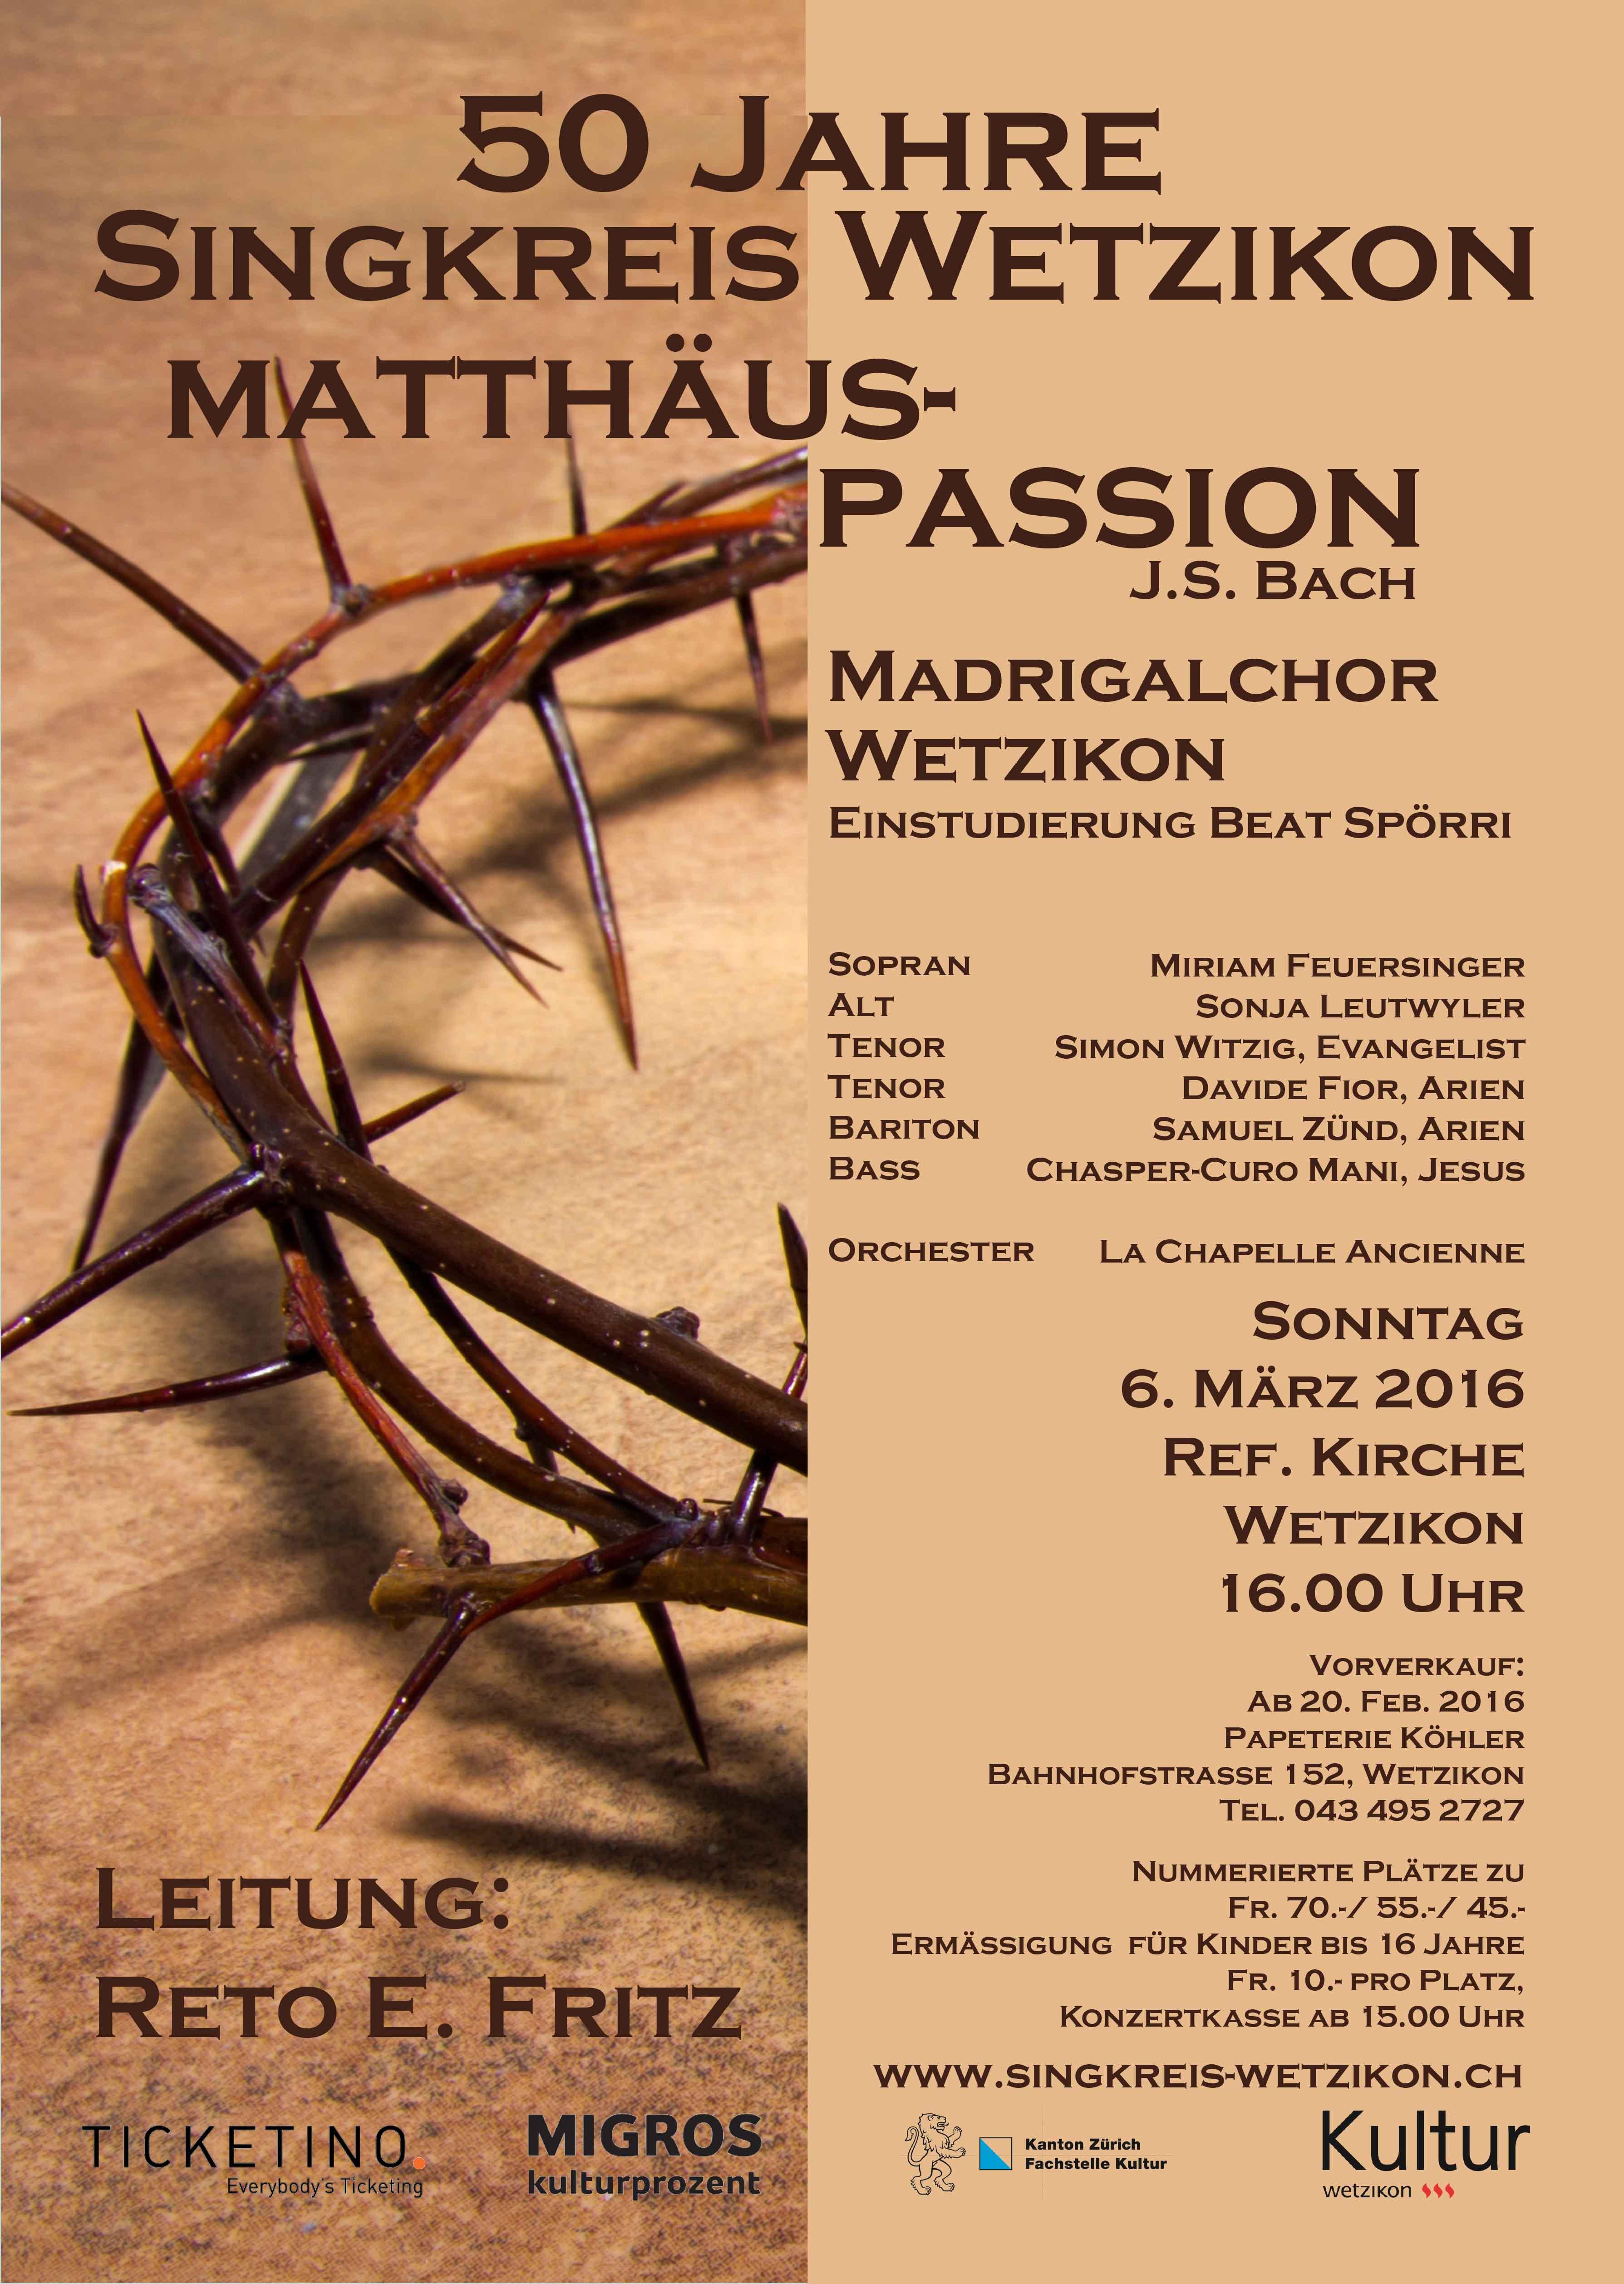 2016 Matthäus-Passion von J.S. Bach